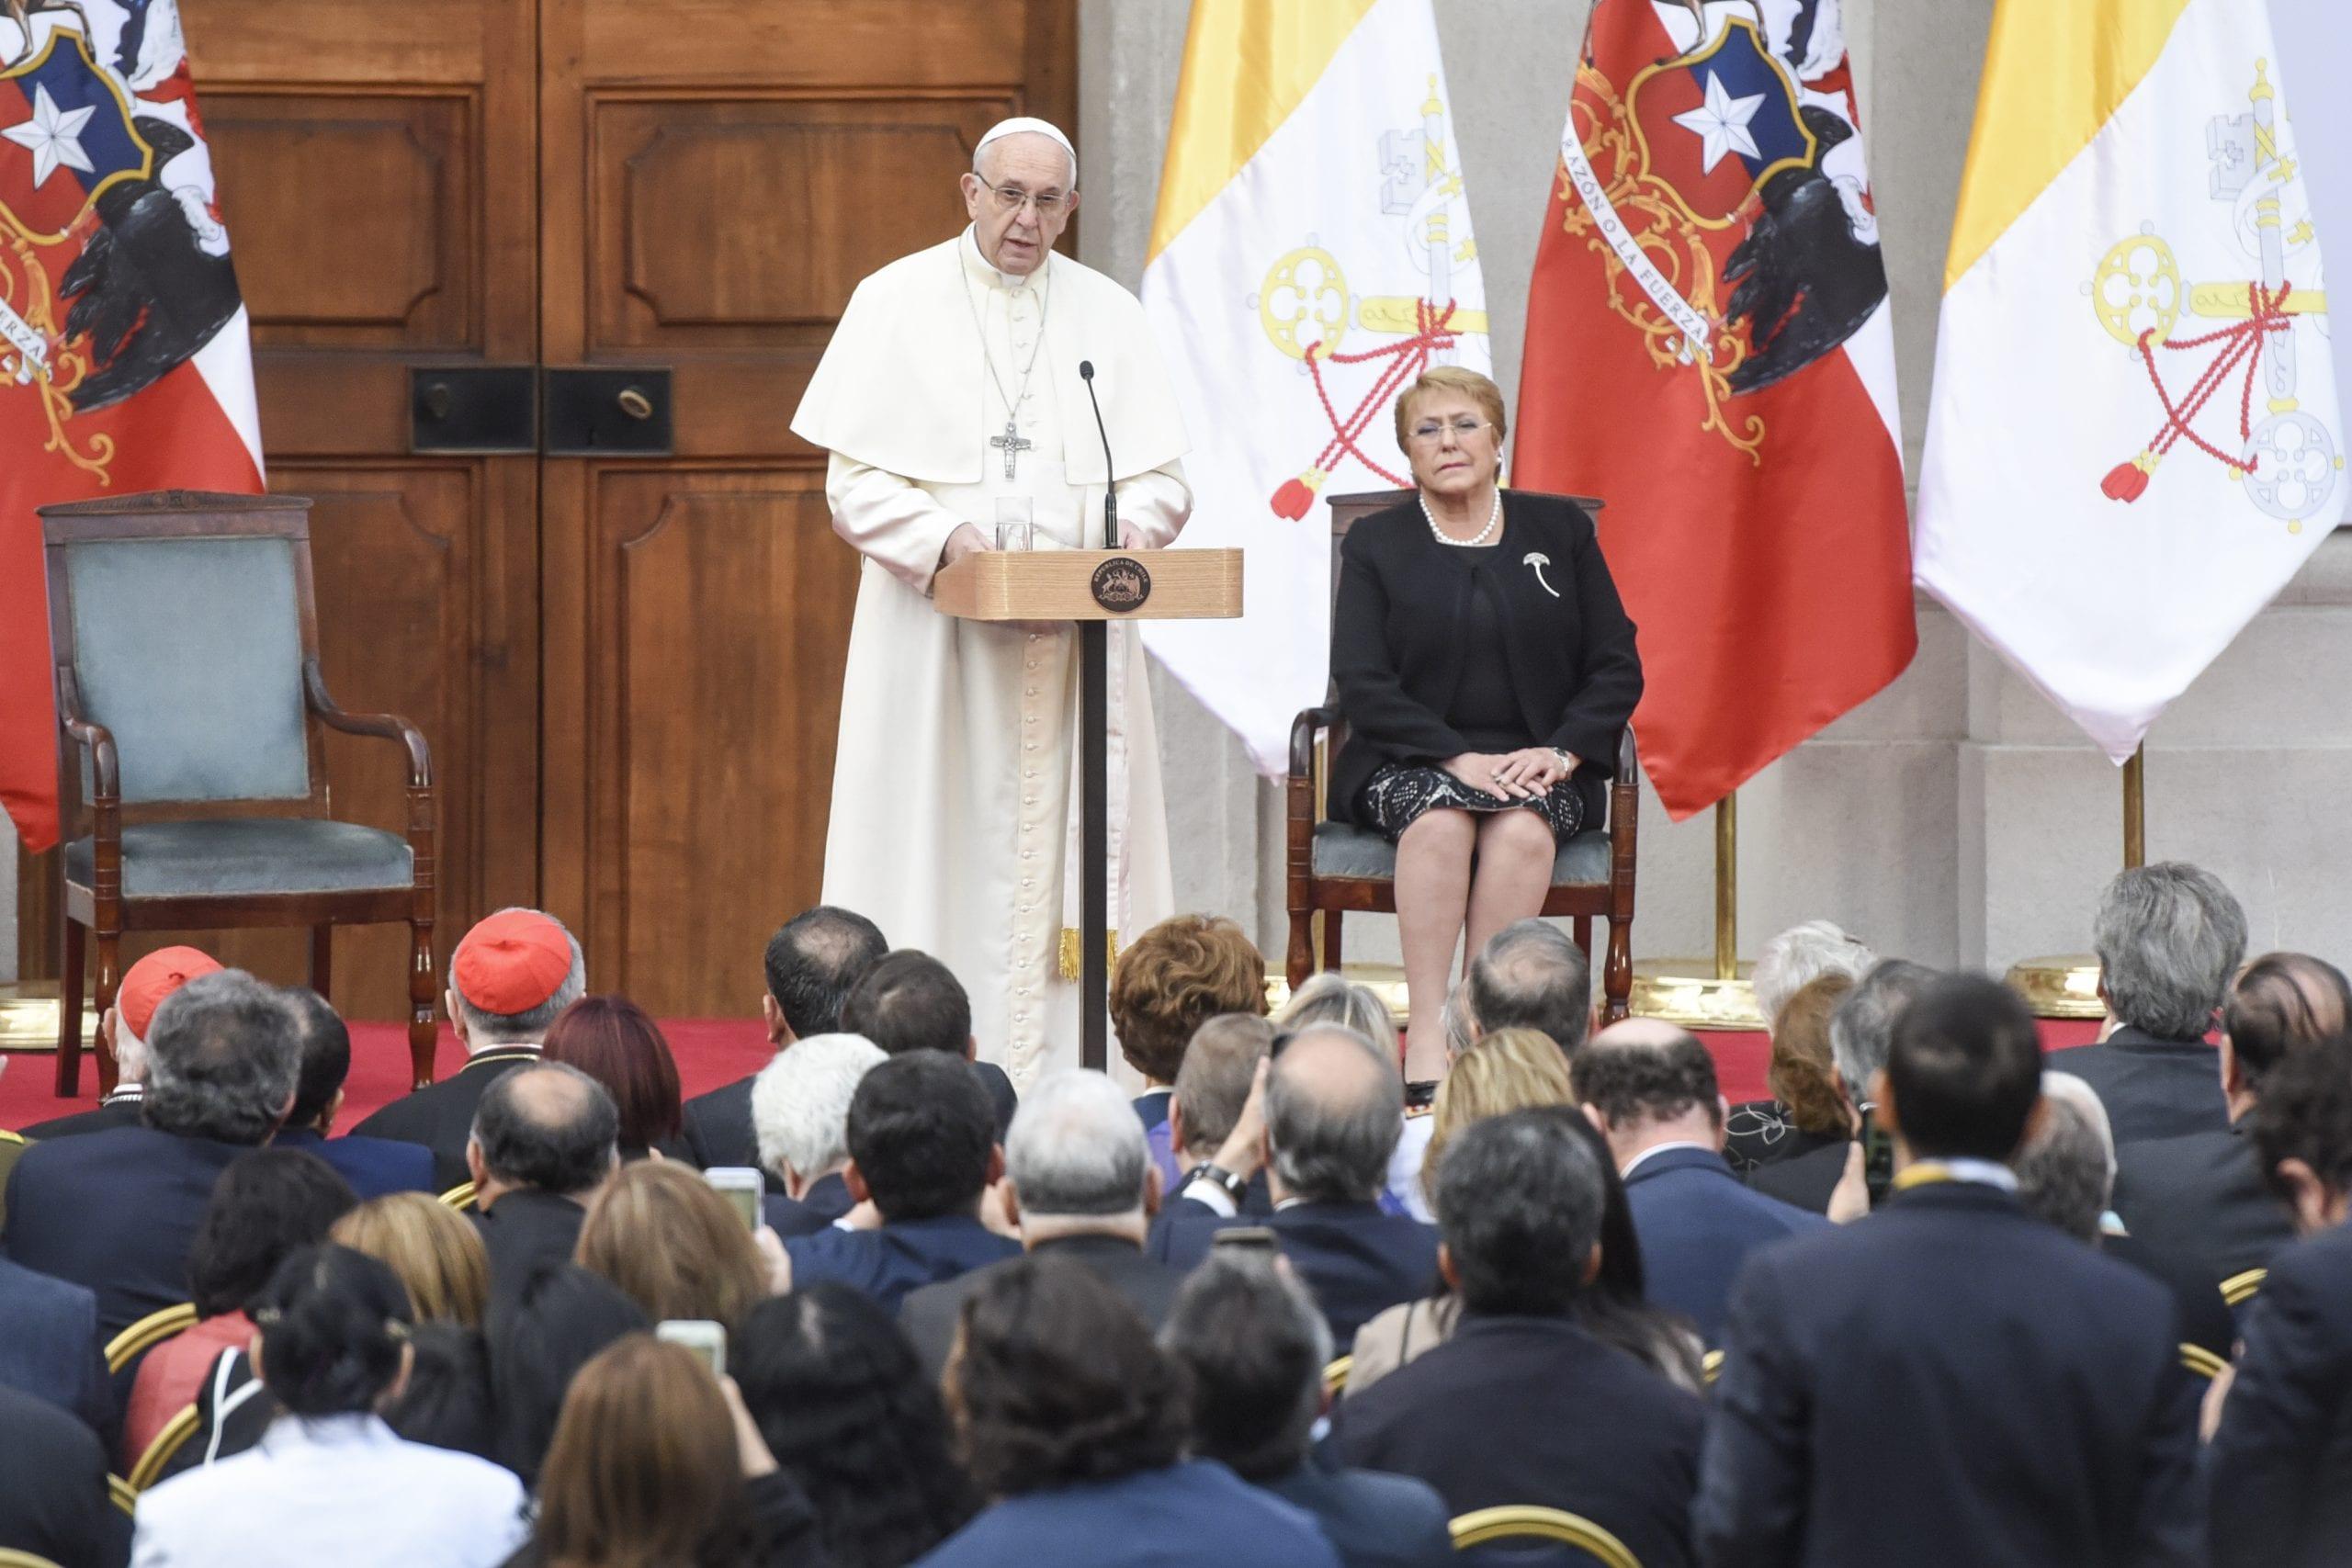 El papa en una iglesia predicando a los feligreses